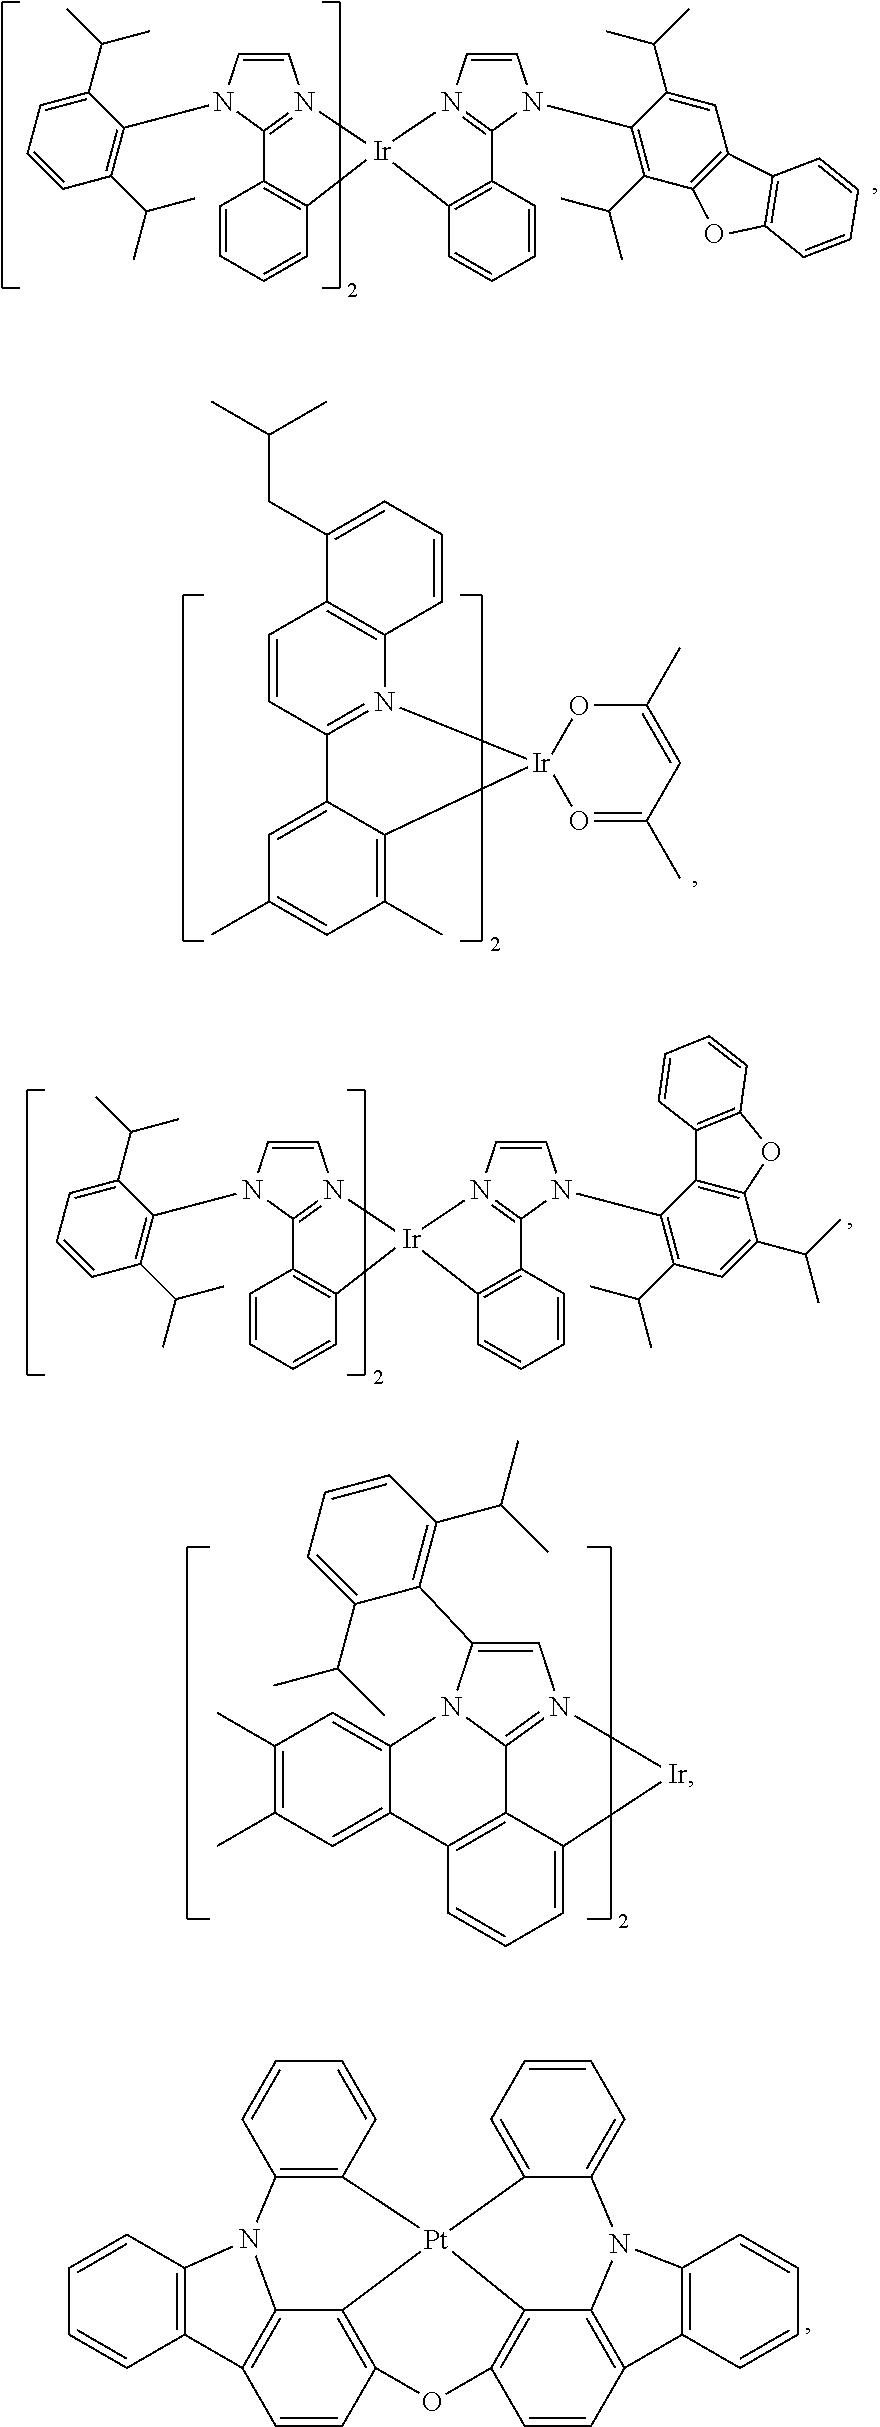 Figure US09859510-20180102-C00080